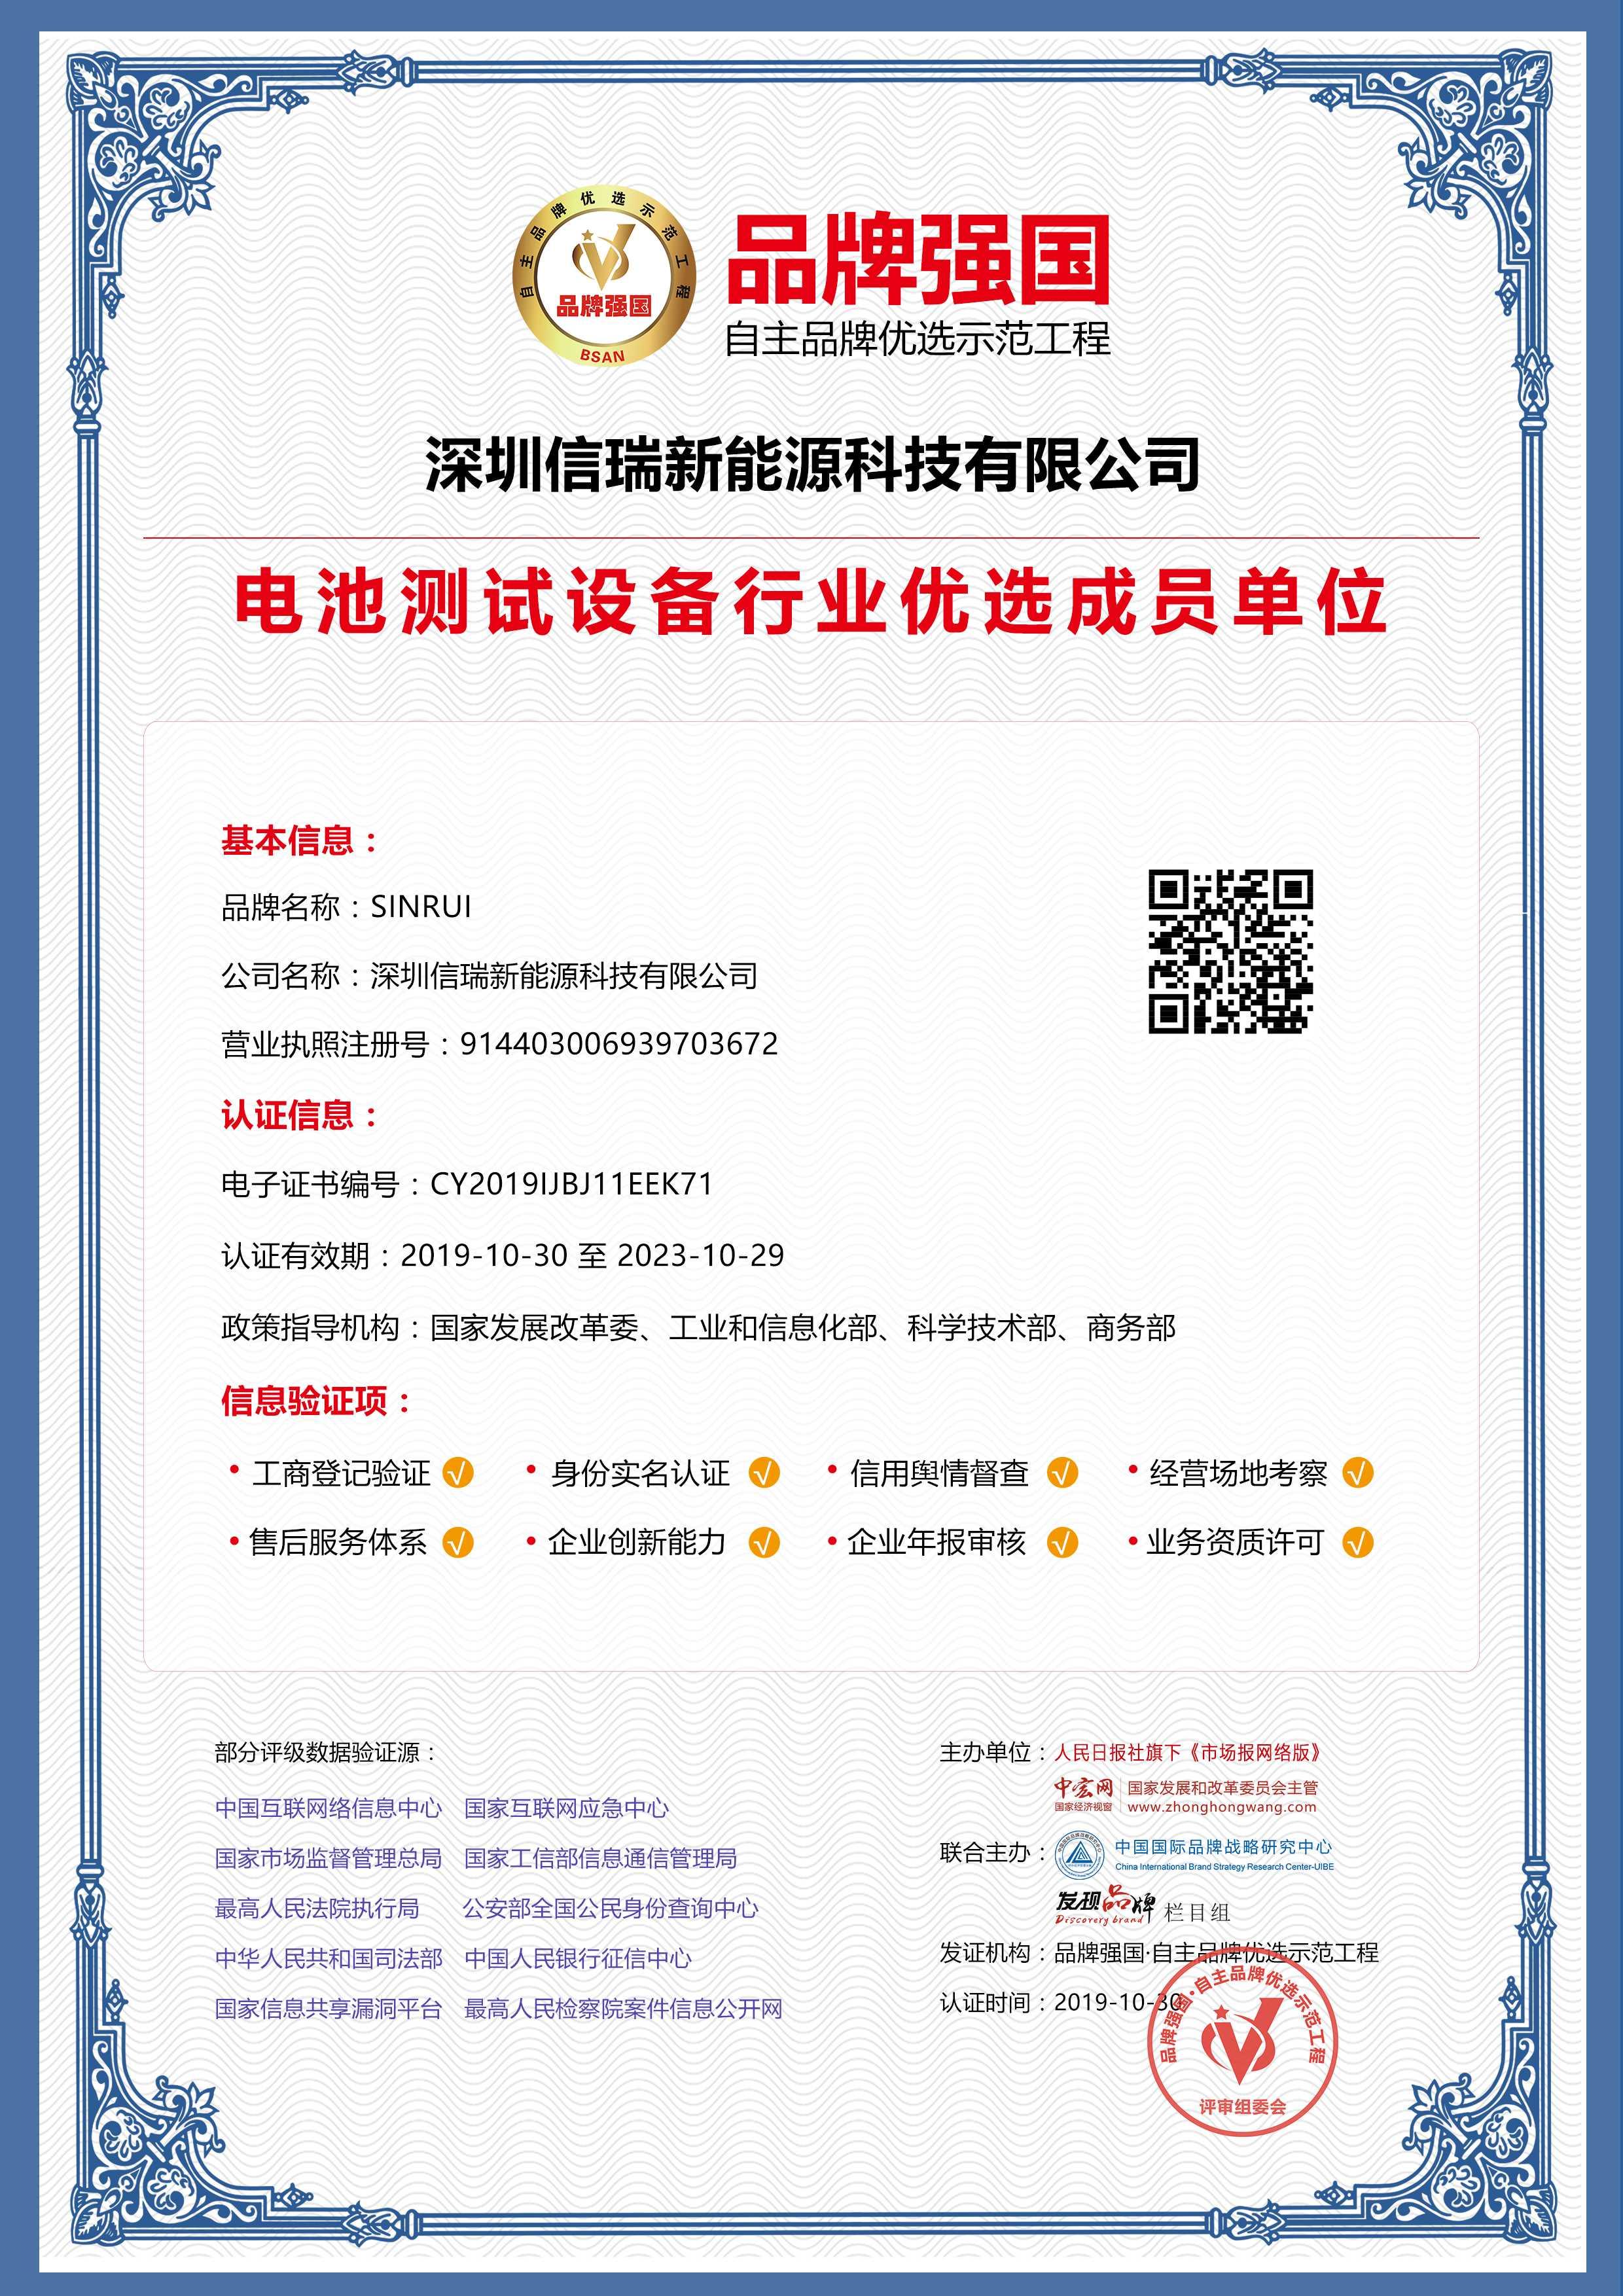 電池測試設備行業優先成員單位證書,在國家采購和招標中擁有優先權。